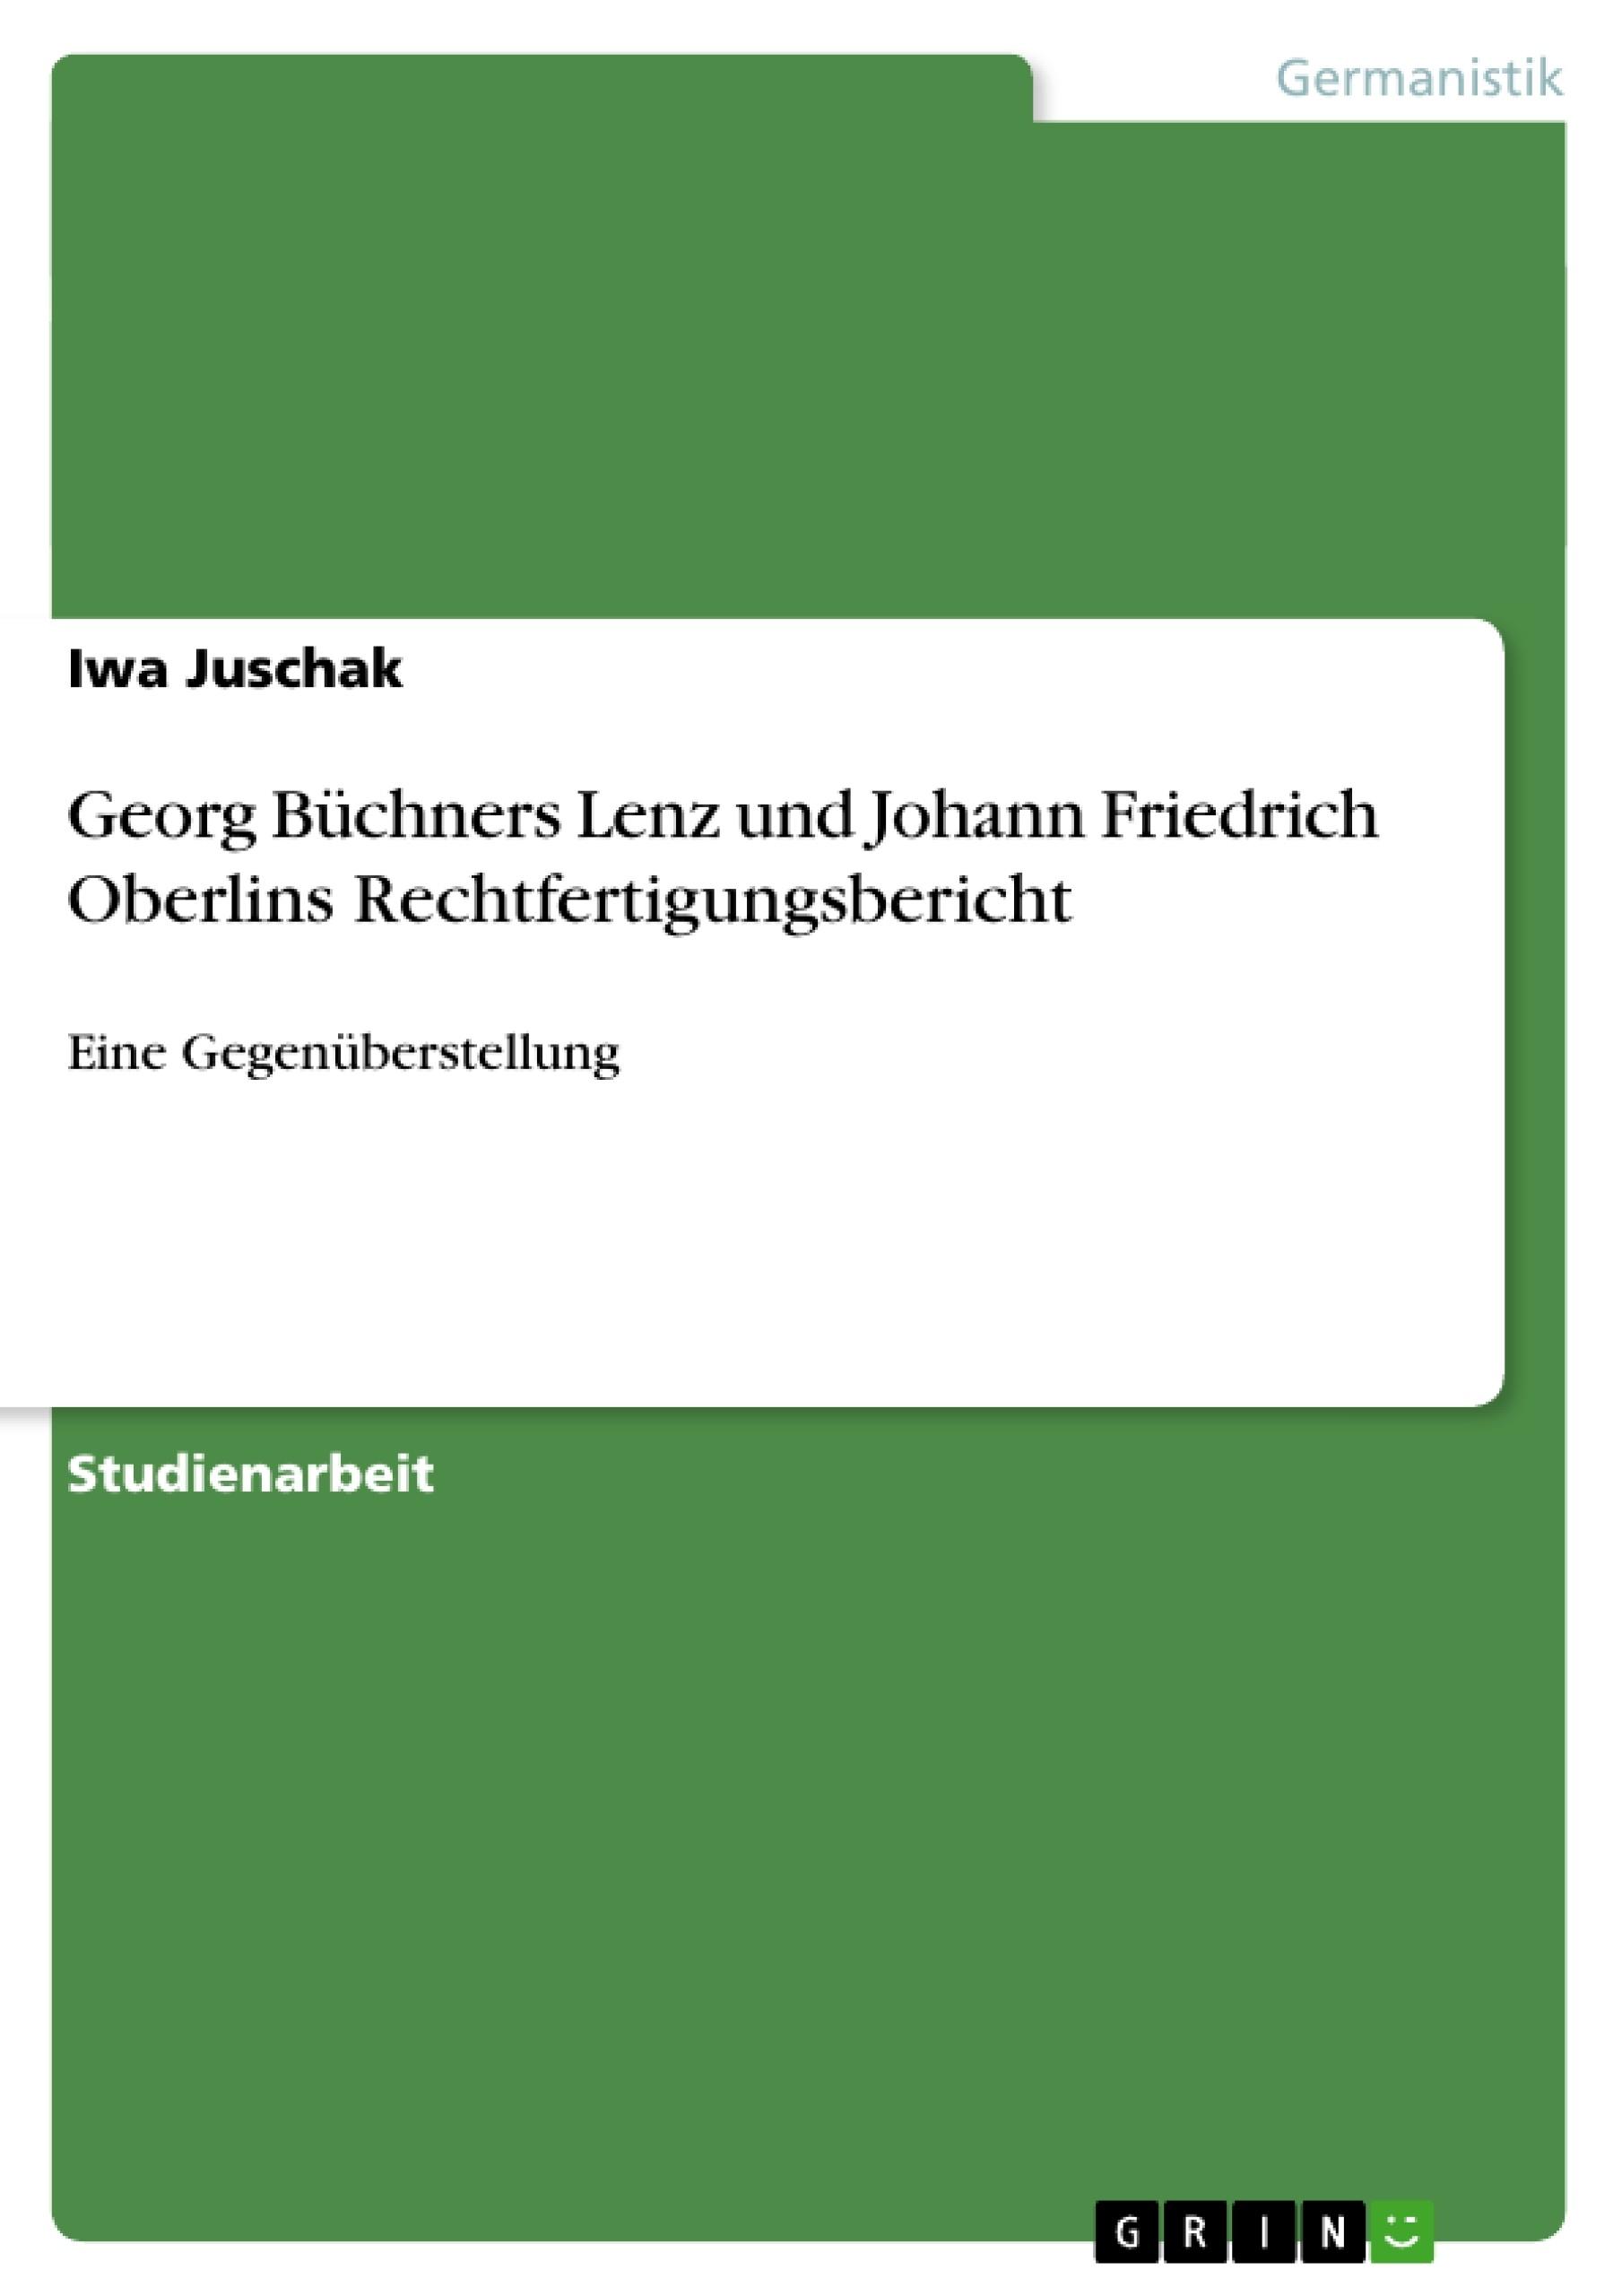 Titel: Georg Büchners Lenz und  Johann Friedrich Oberlins Rechtfertigungsbericht